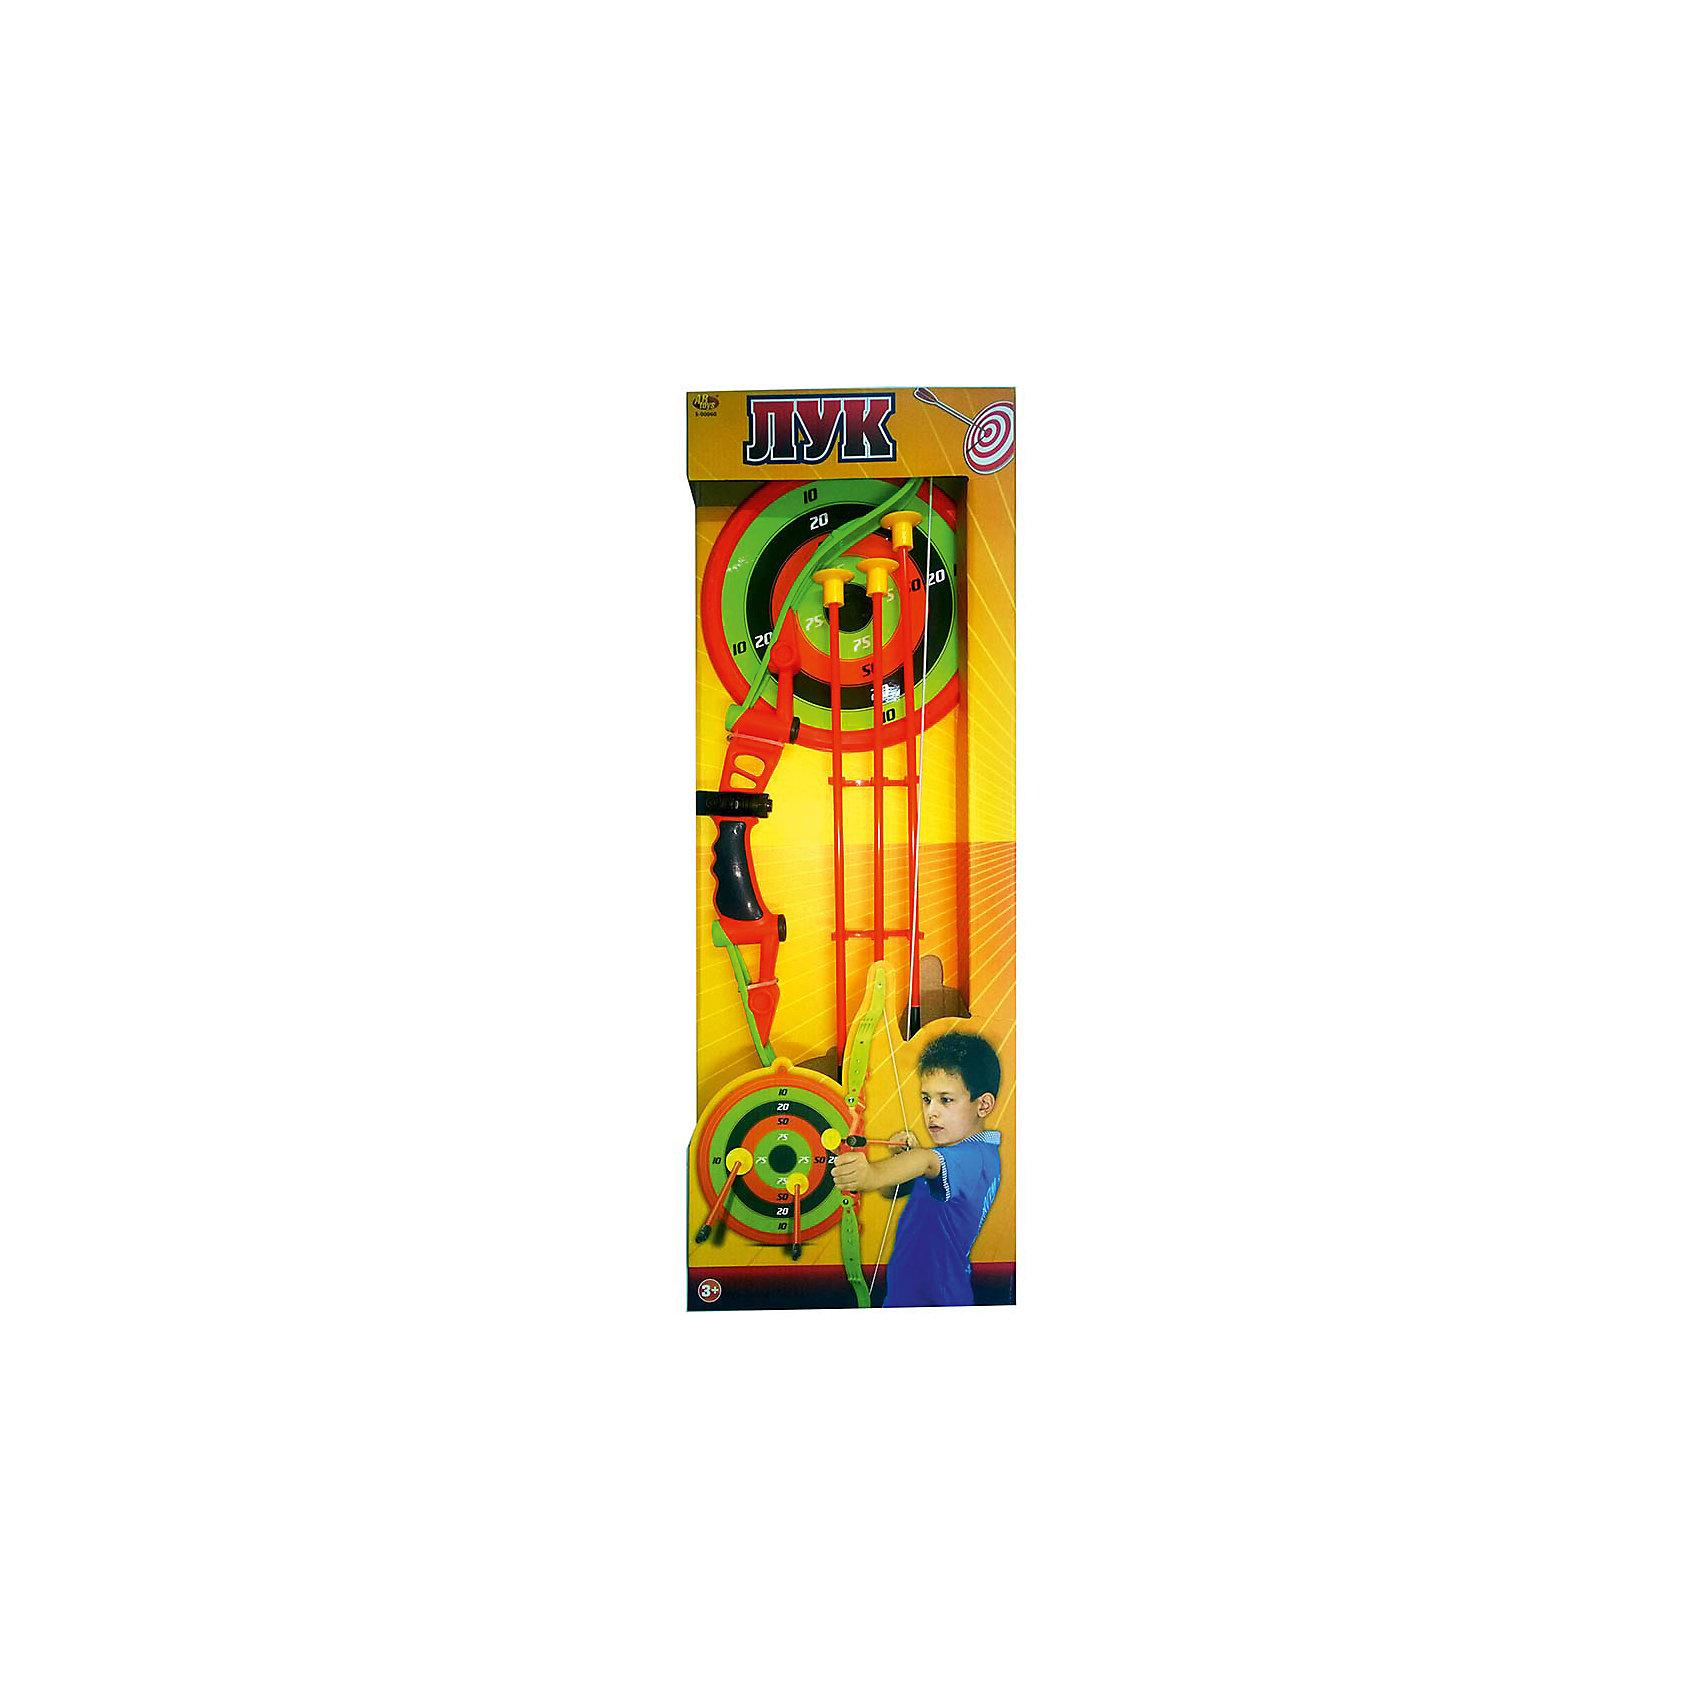 Лук со стрелами на присосках (3 стрелы, лук и мишень,), ABtoysЛук со стрелами на присосках, в наборе 3 стрелы, лук и мишень, в коробке, 24,5х65,5х4,5 см<br><br>Ширина мм: 245<br>Глубина мм: 655<br>Высота мм: 45<br>Вес г: 611<br>Возраст от месяцев: 36<br>Возраст до месяцев: 144<br>Пол: Мужской<br>Возраст: Детский<br>SKU: 5500947